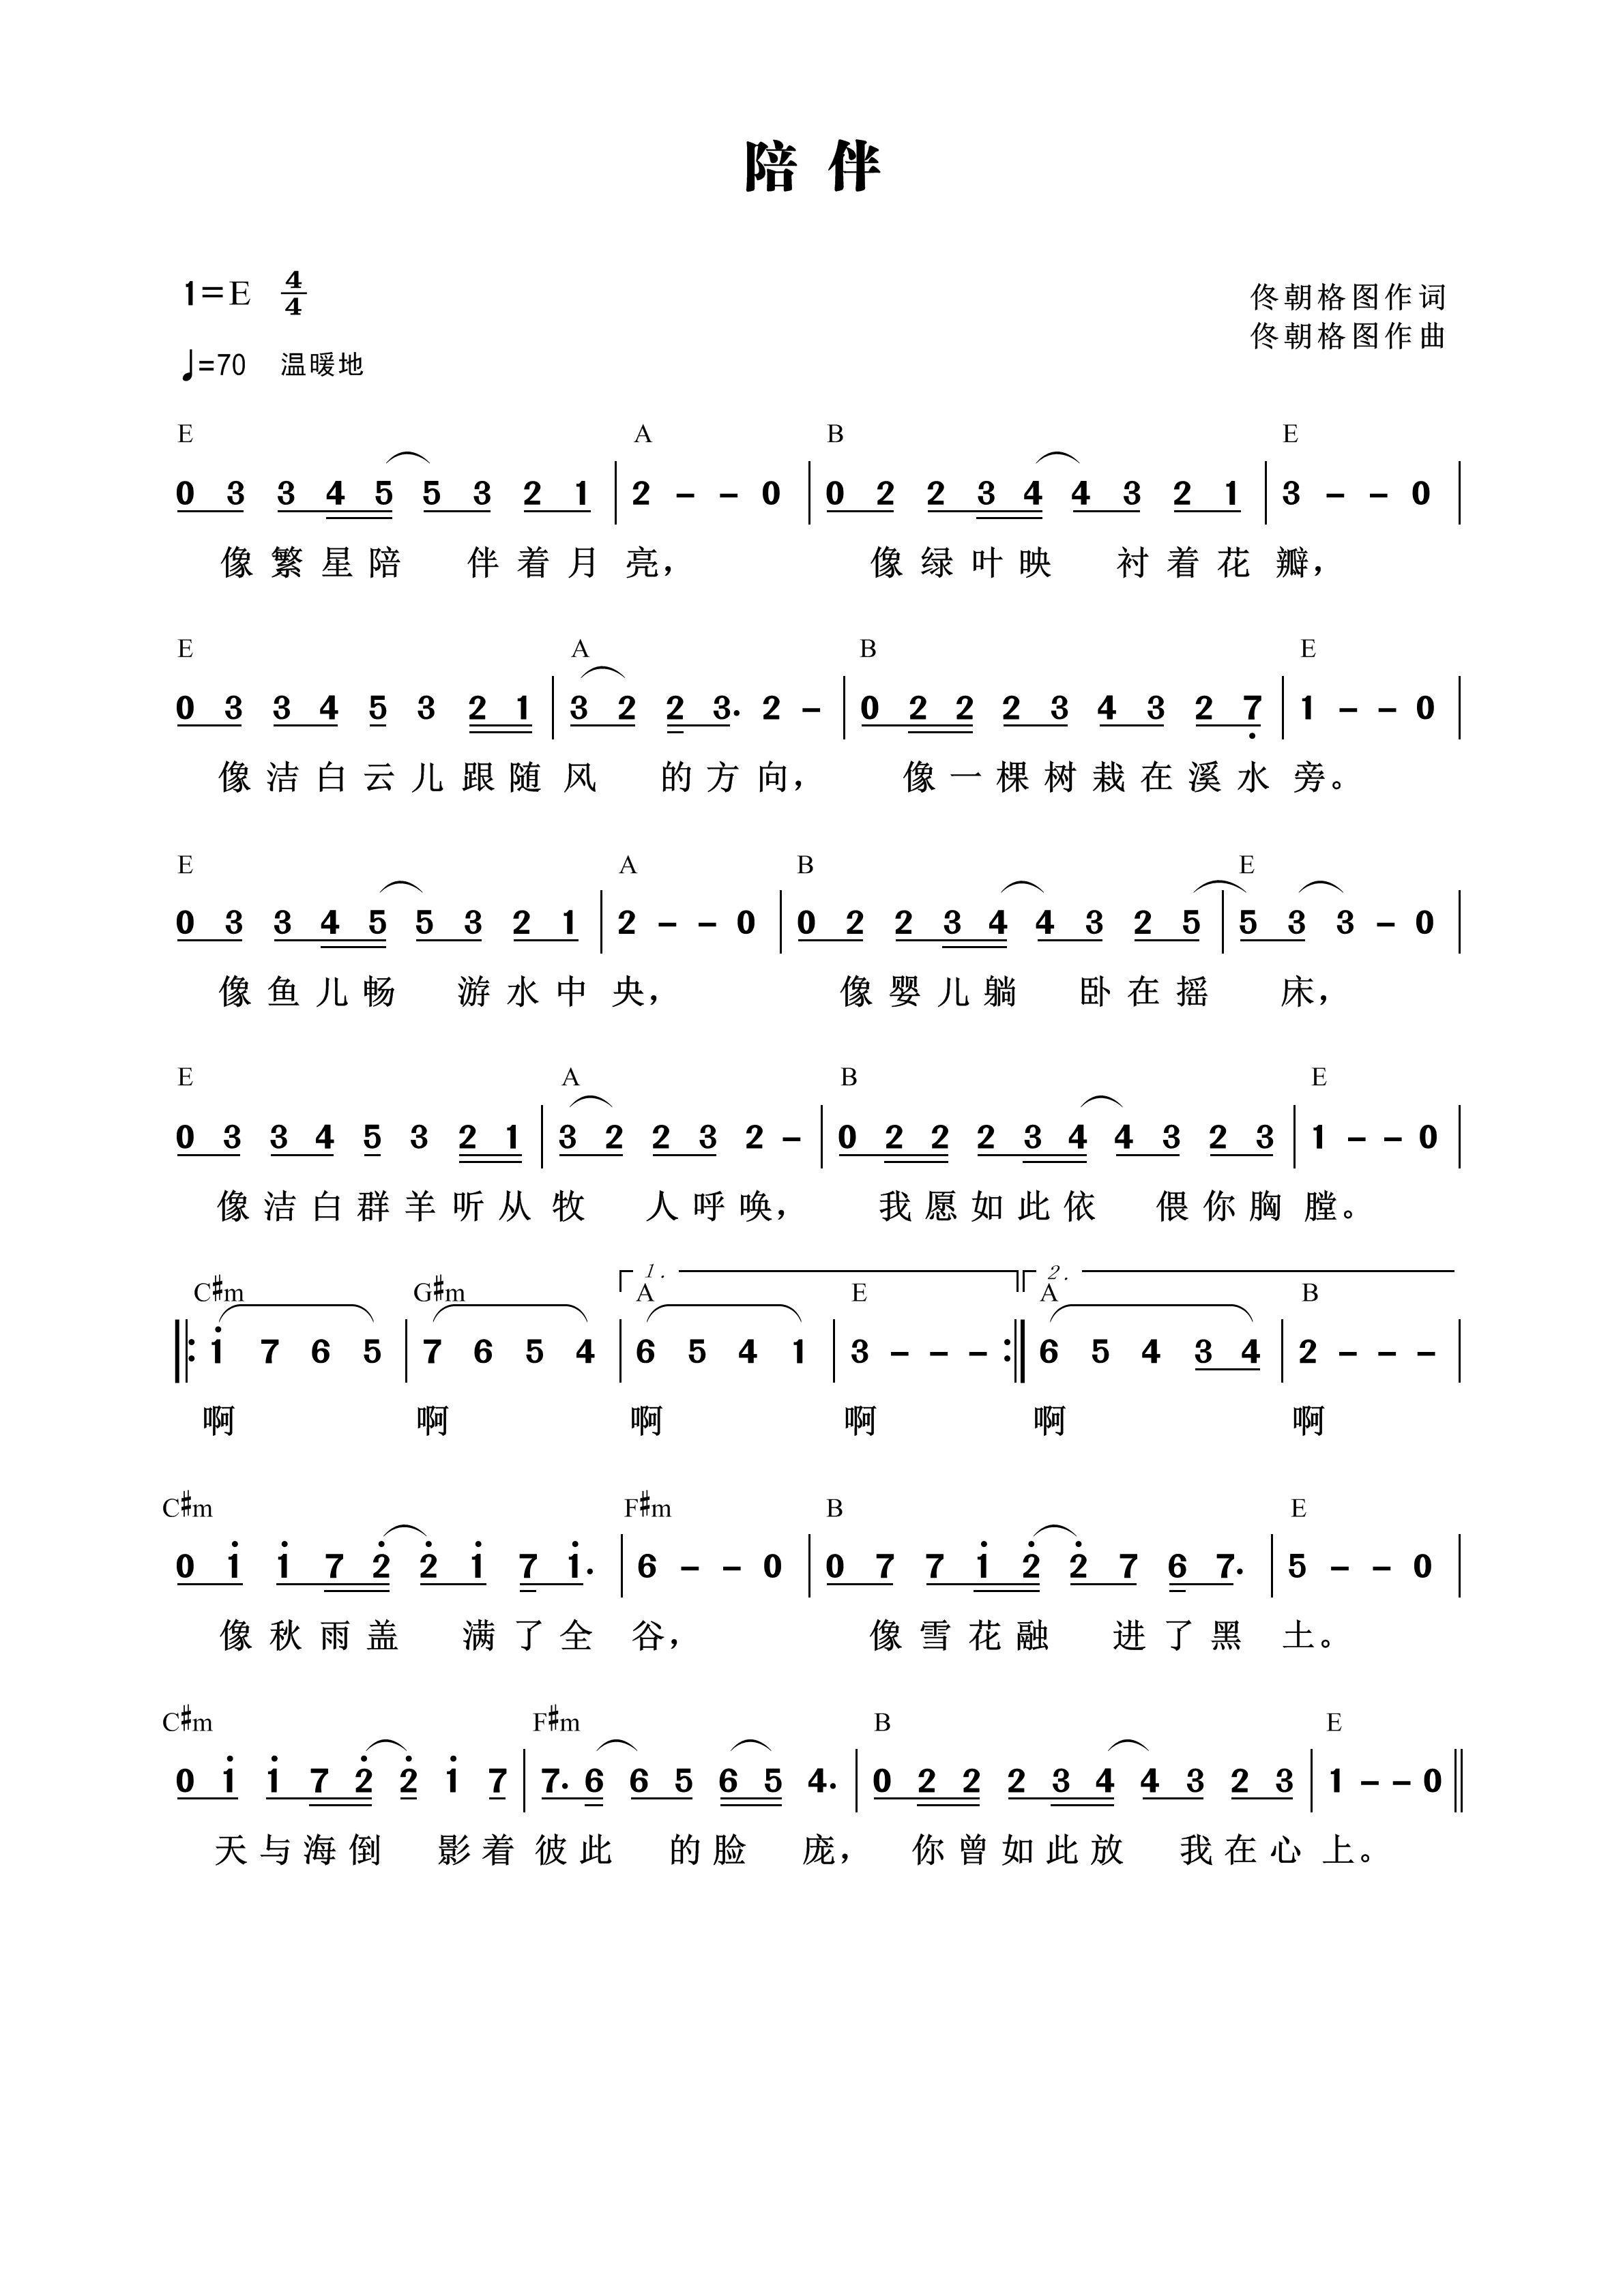 《陪伴 官方和弦简谱》